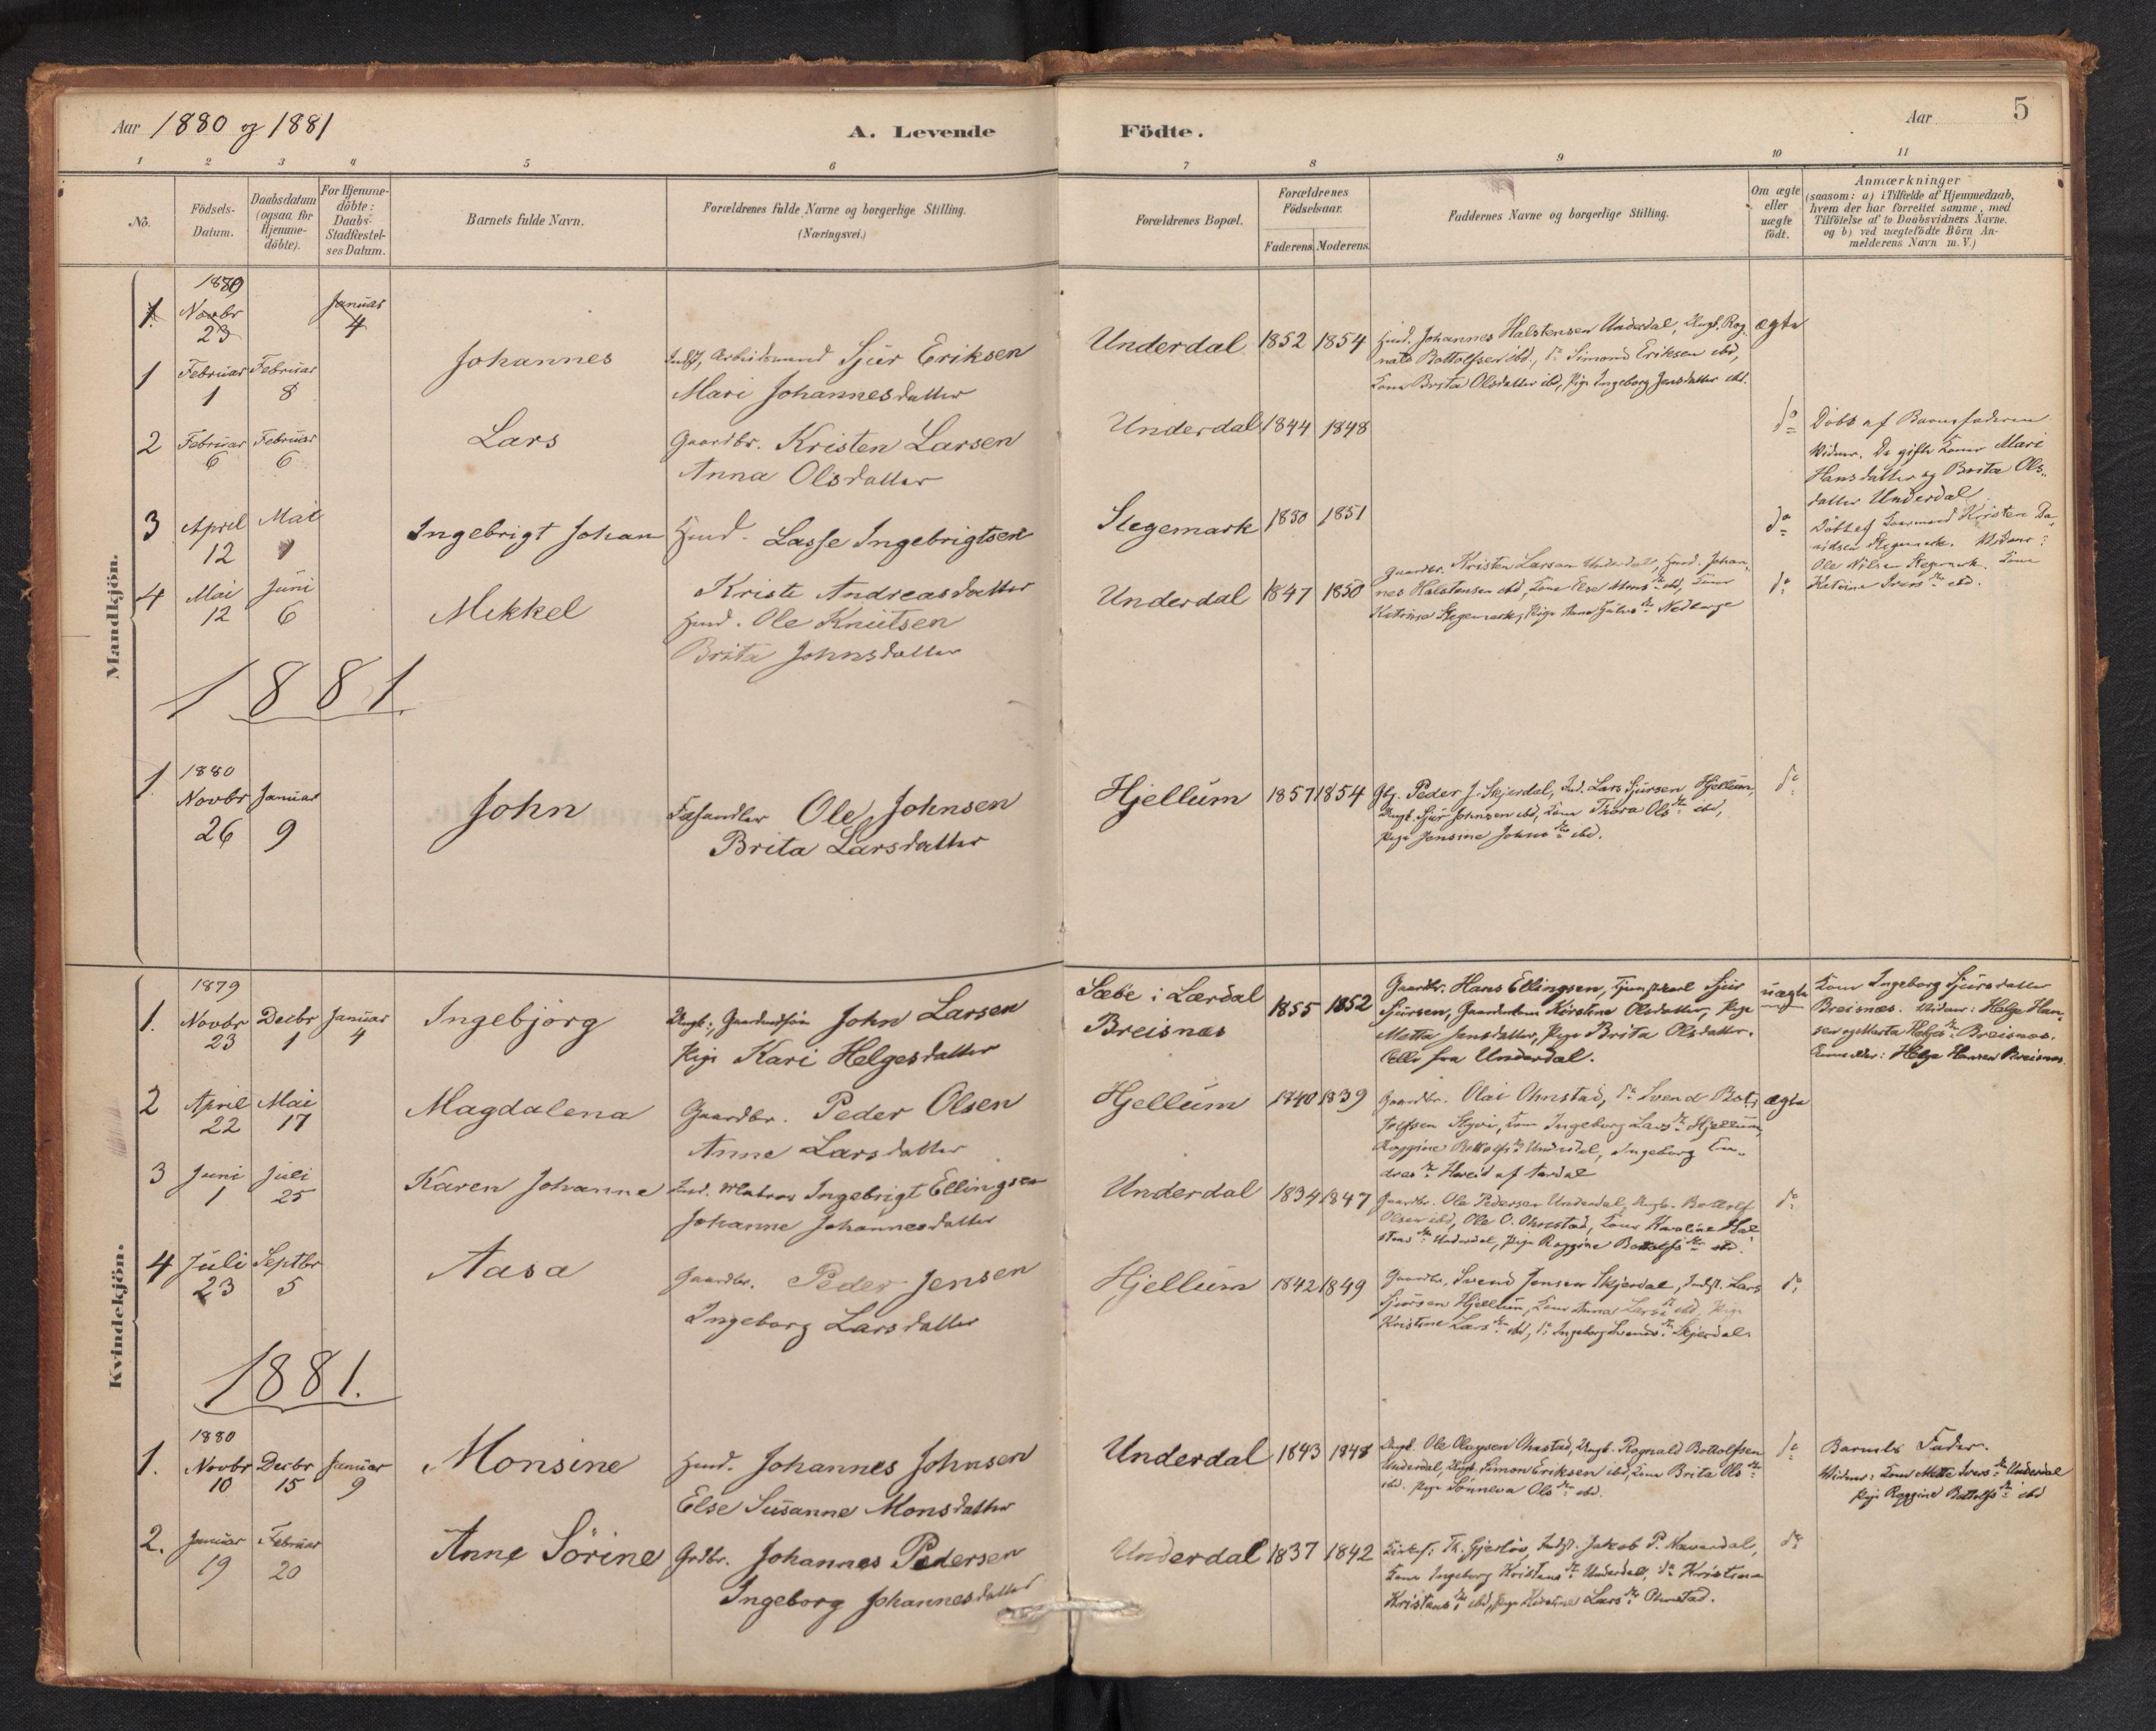 SAB, Aurland Sokneprestembete*, Ministerialbok nr. E 1, 1880-1907, s. 4b-5a